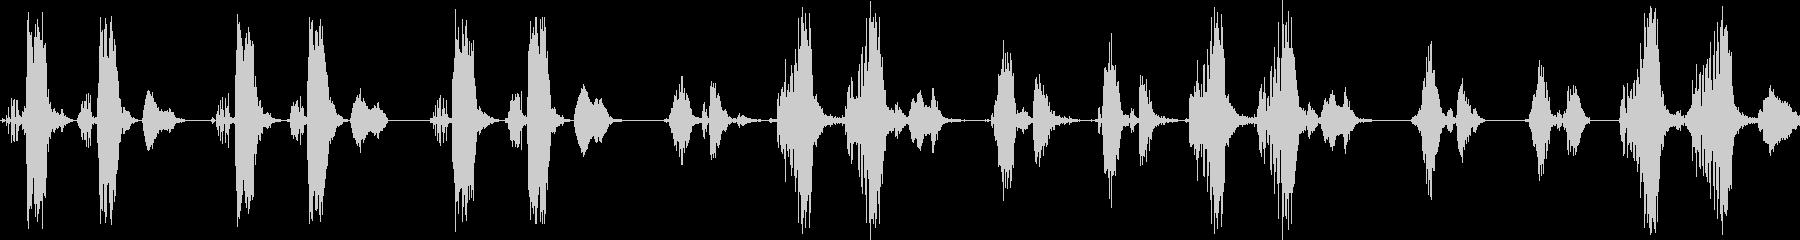 オオヨシキリのさえずり(河原で鳴く鳥)の未再生の波形